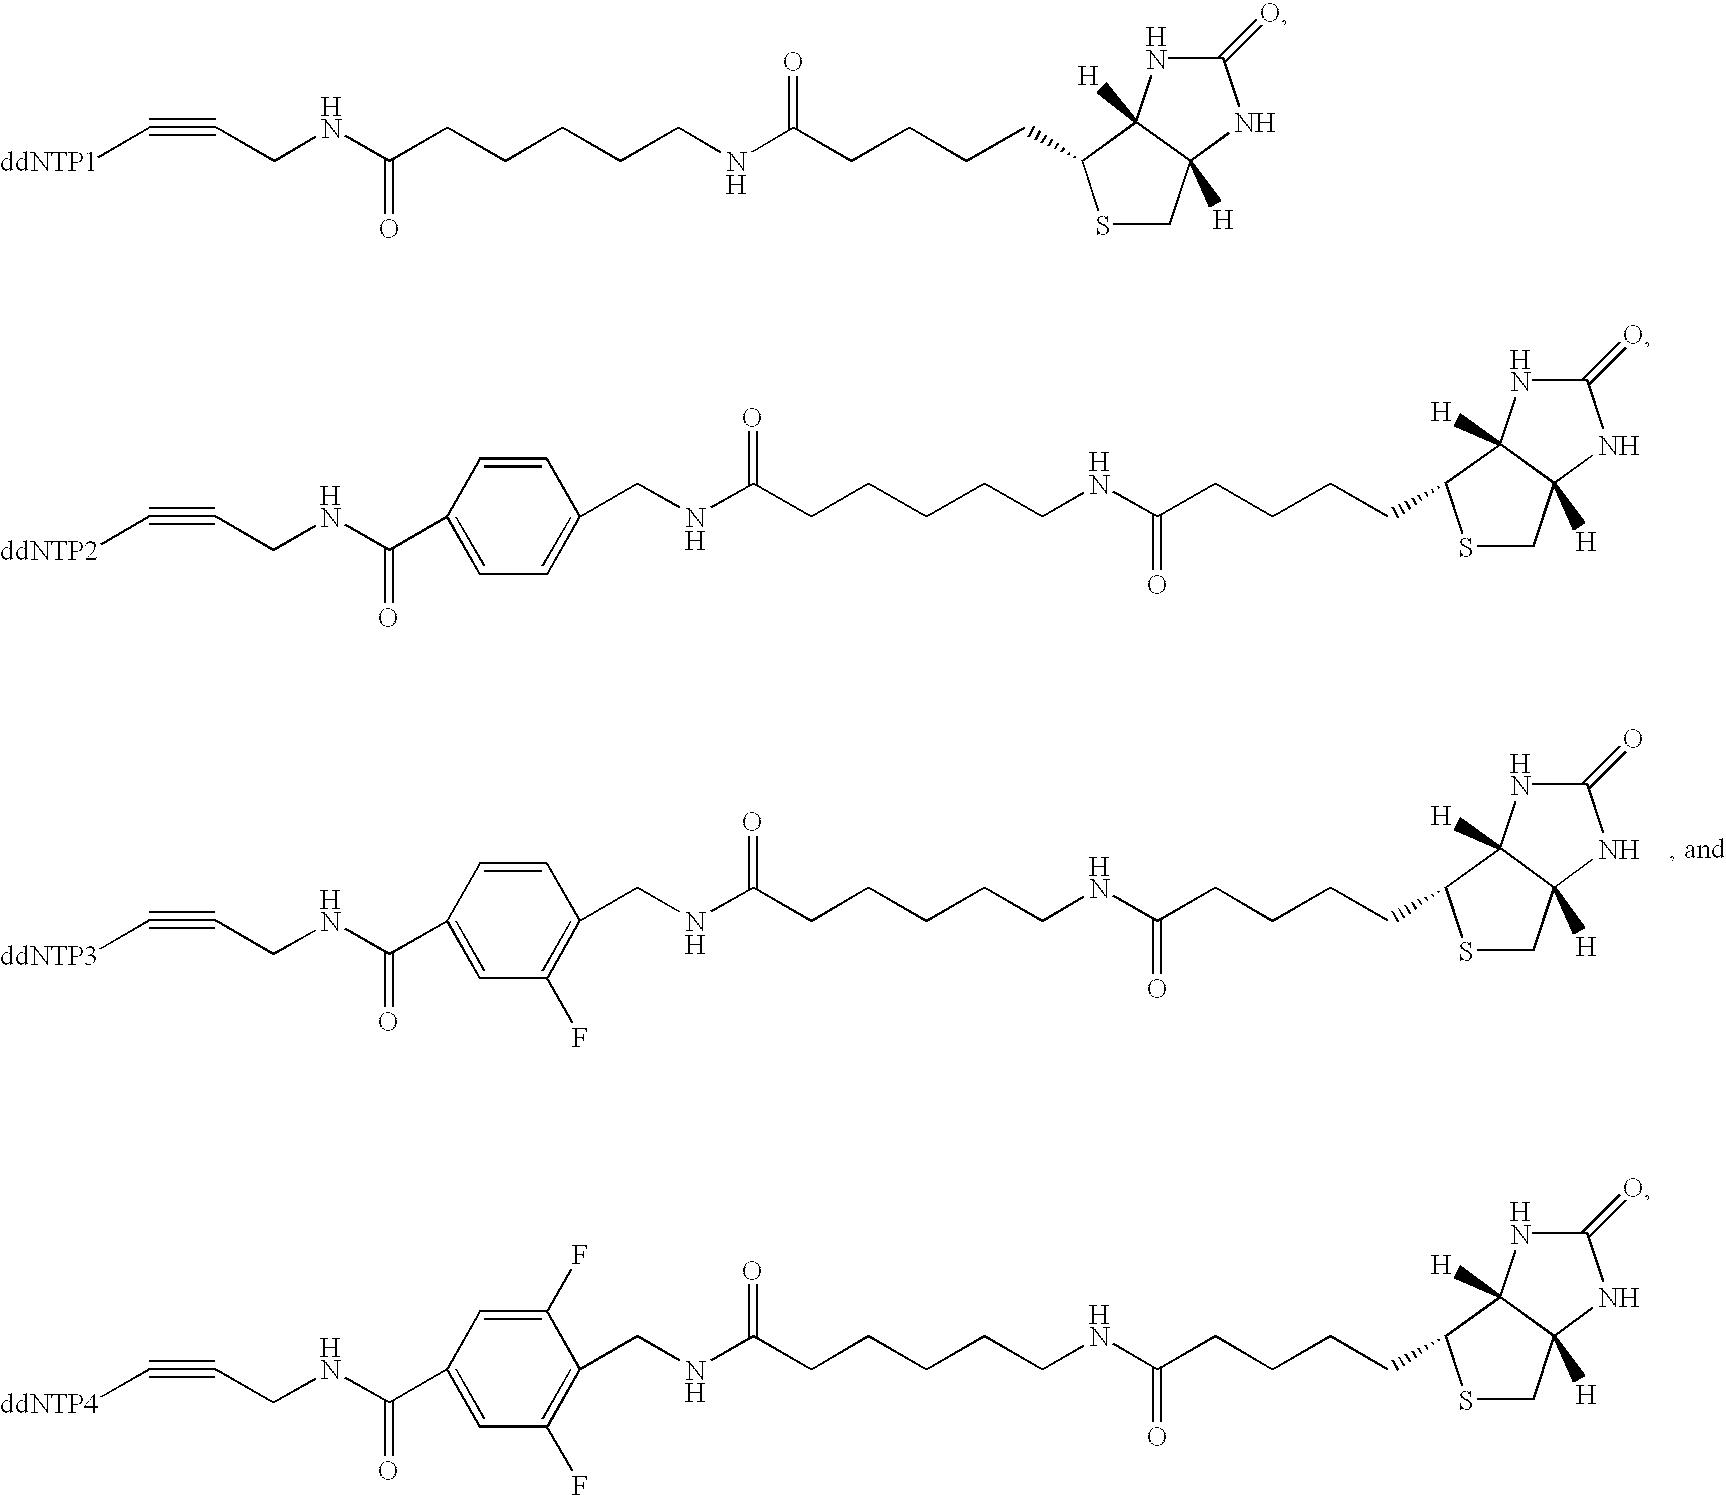 Figure US20030027140A1-20030206-C00013